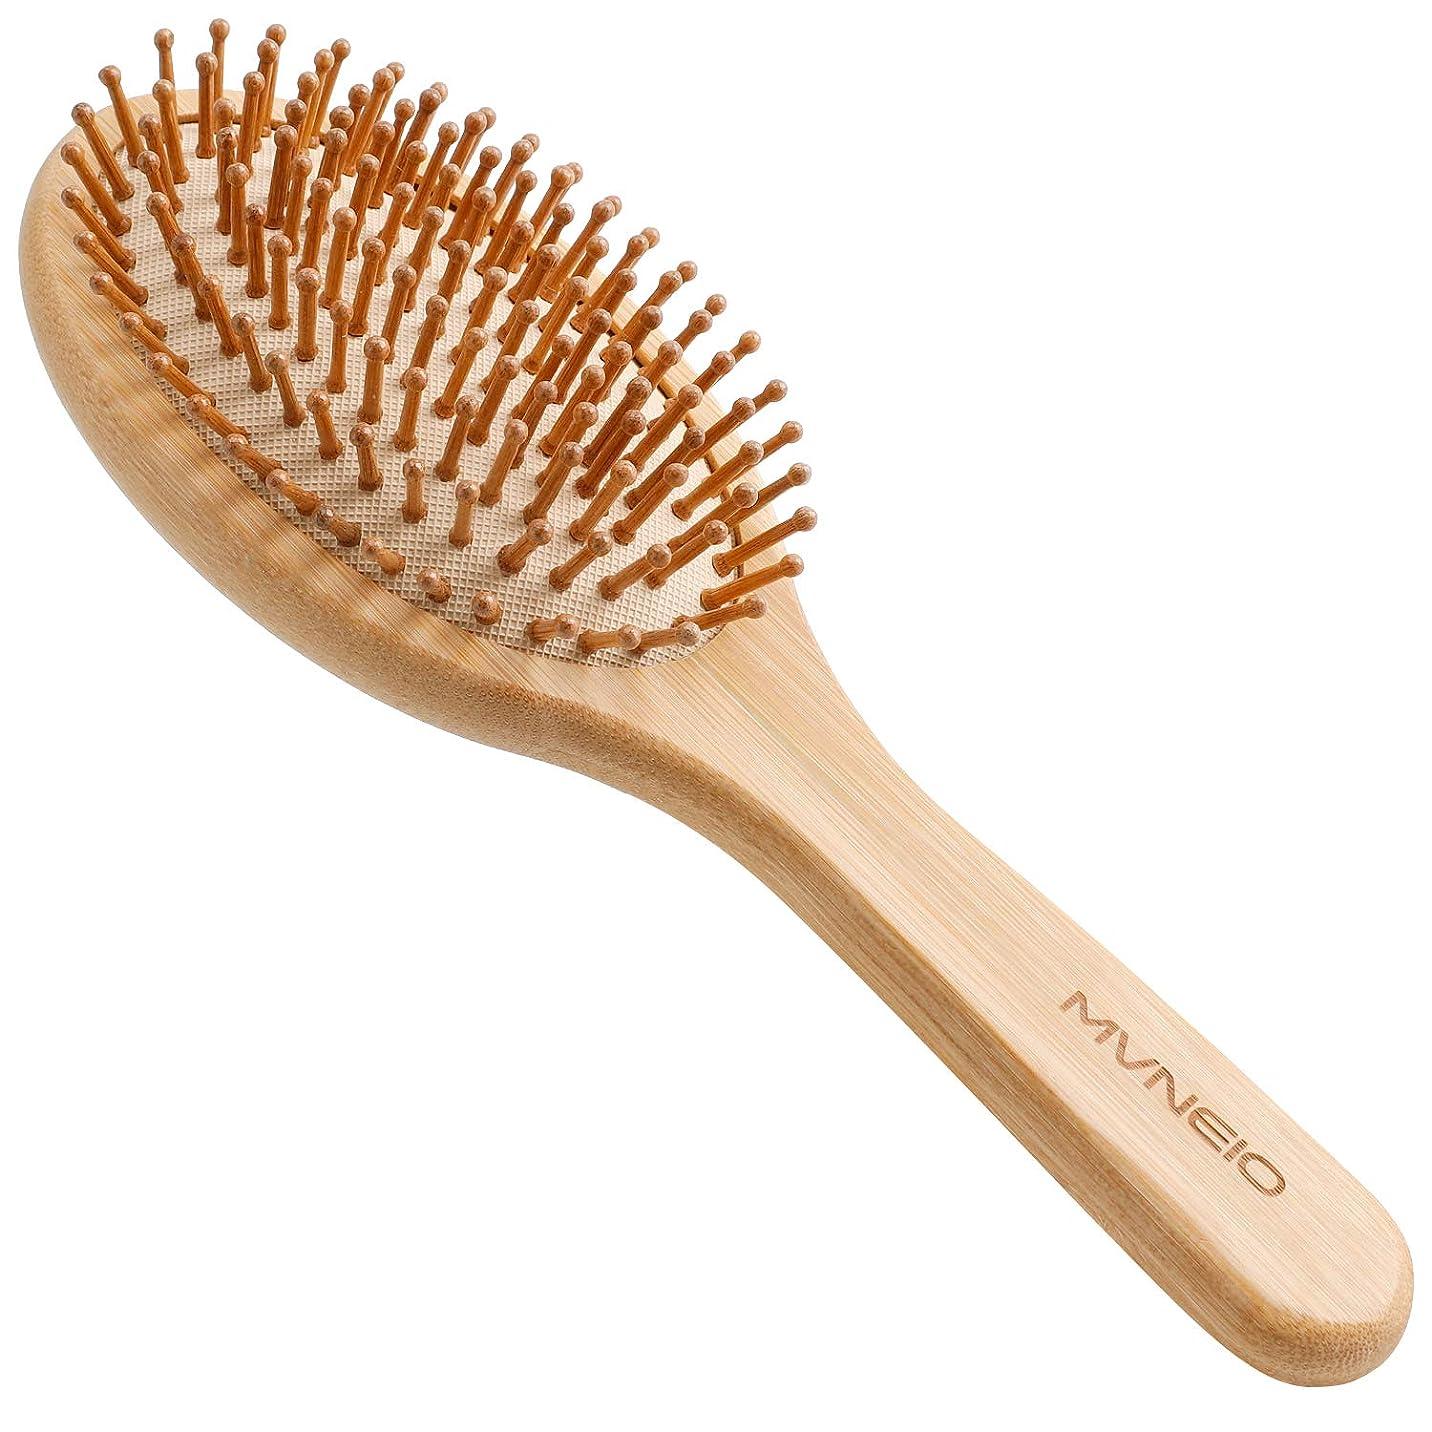 ツールテント性格ヘアブラシ 竹製櫛 くし ヘアケア 頭皮マッサージ 静電気防止 パドルブラシ 美髪ケア 頭皮に優しい メンズ レディースに適用